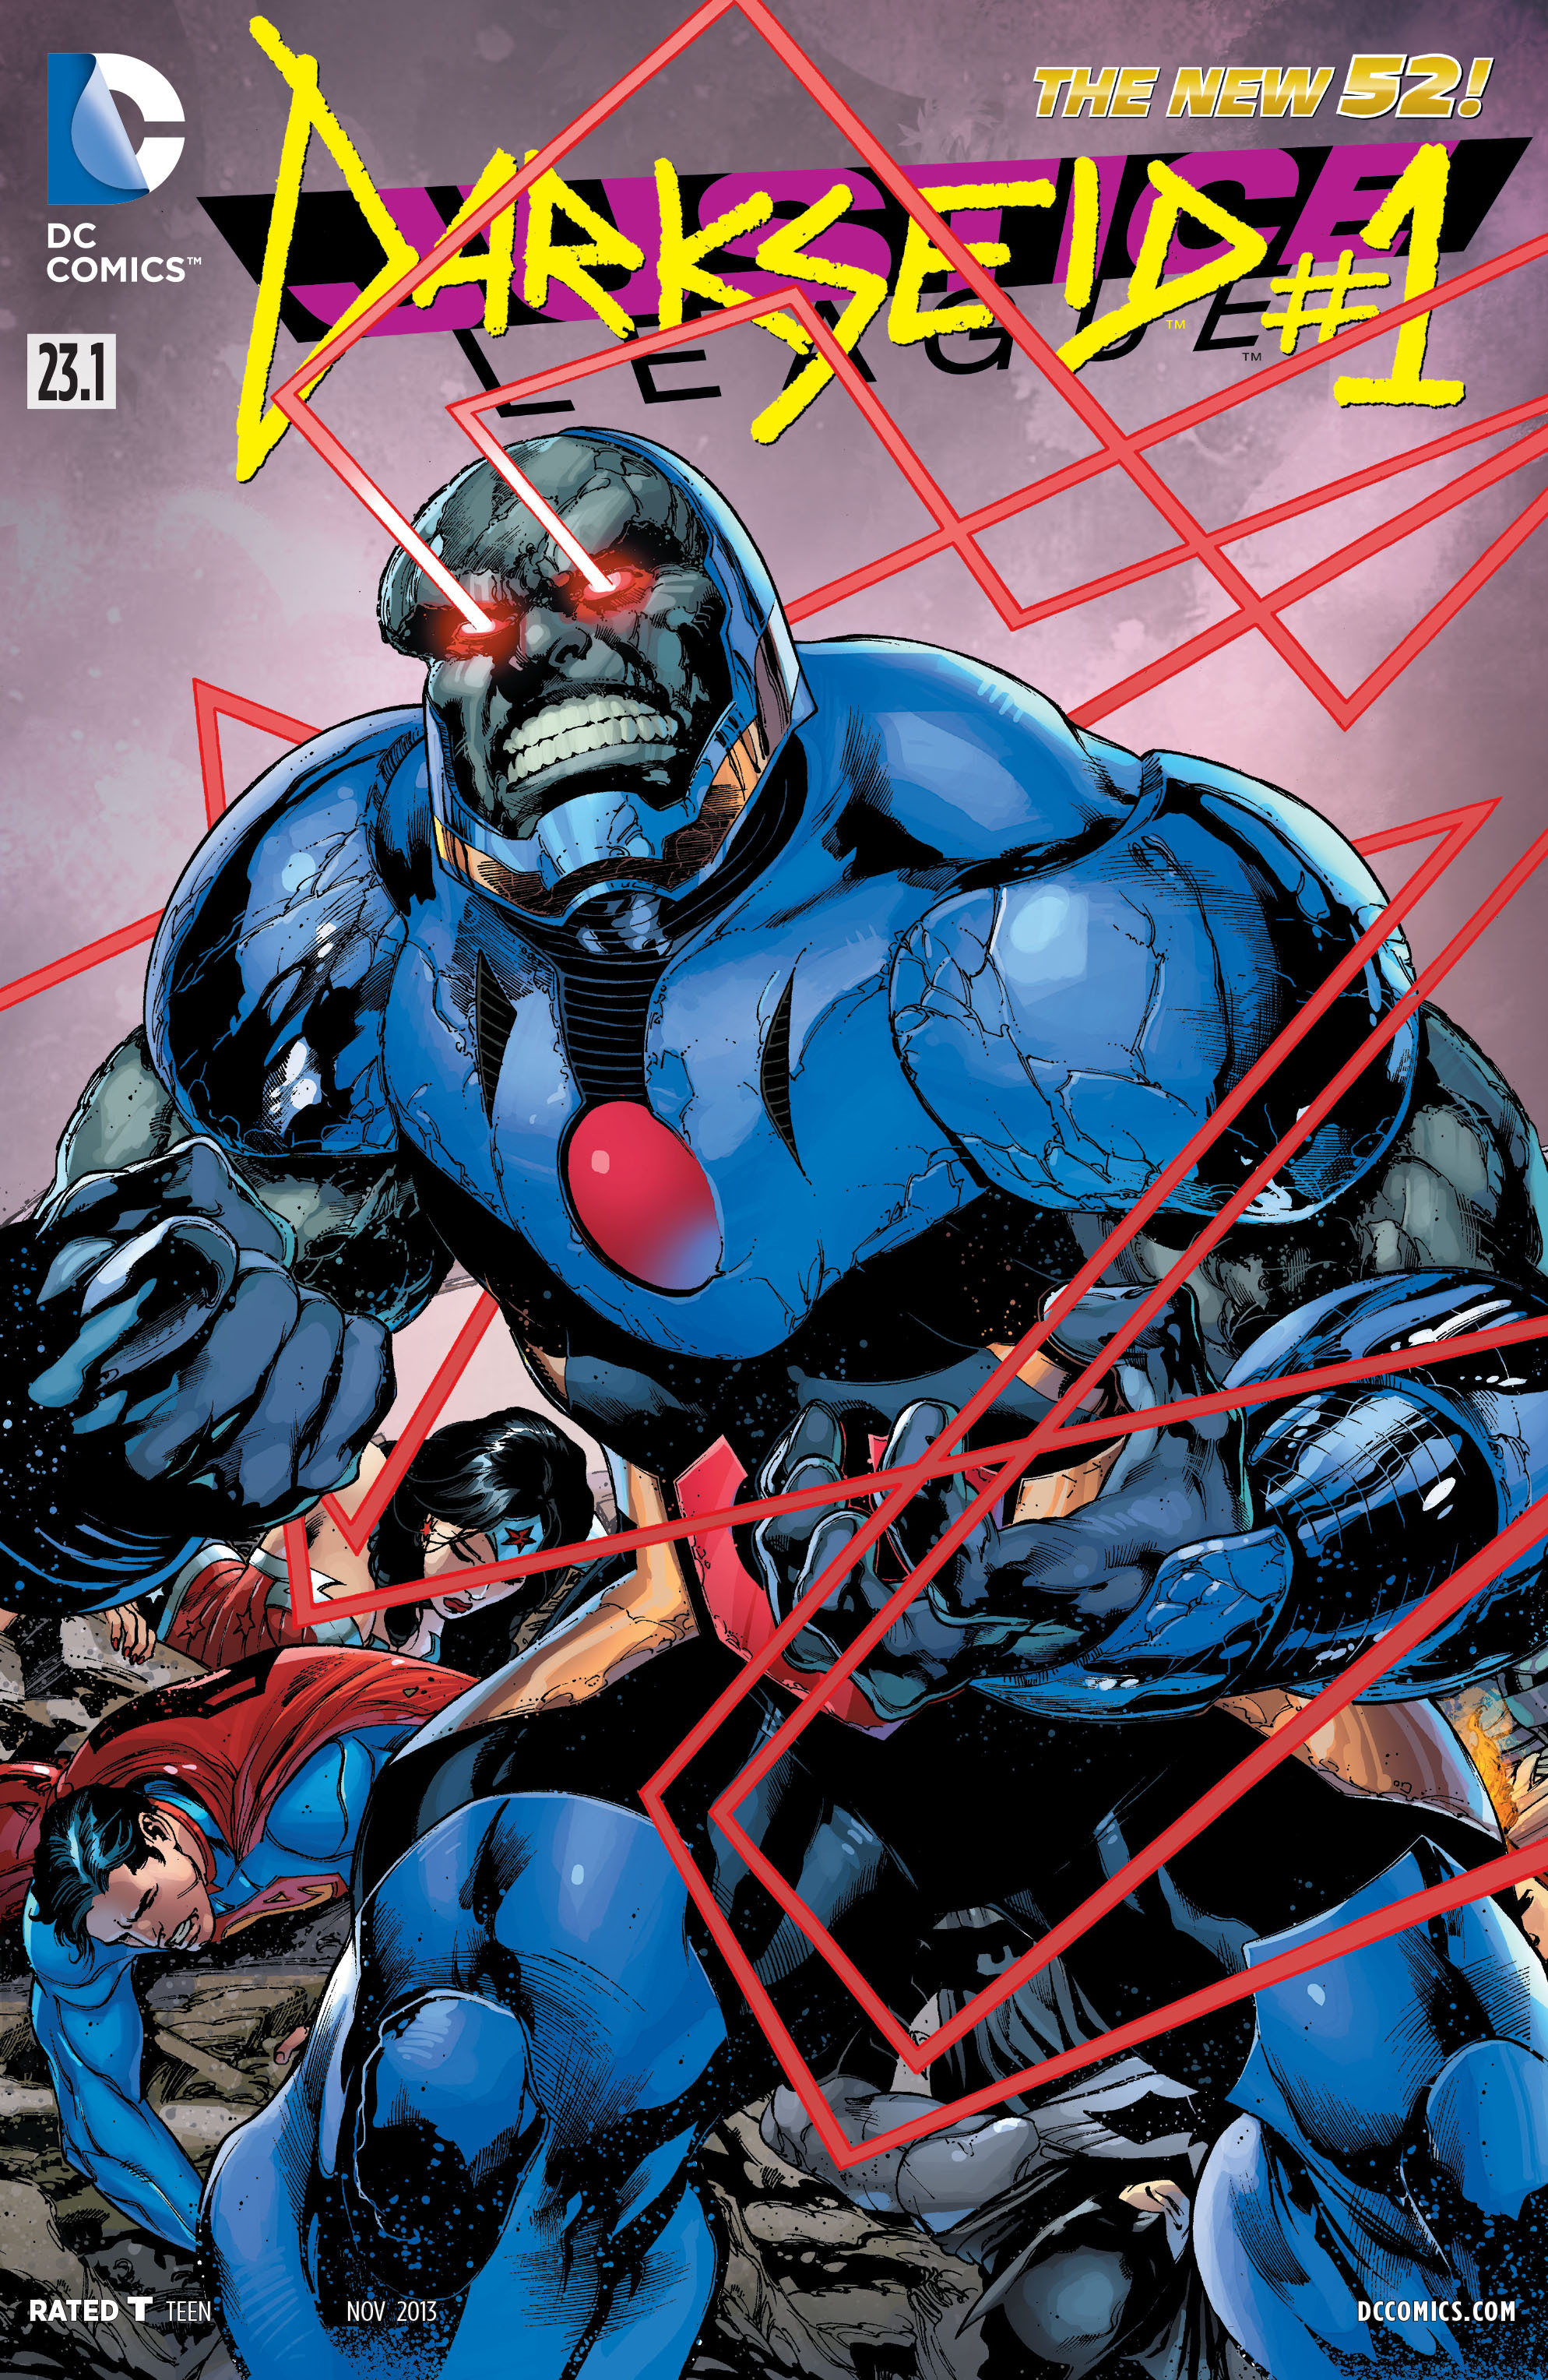 Justice League Vol 2 23.1: Darkseid   DC Database   FANDOM ...